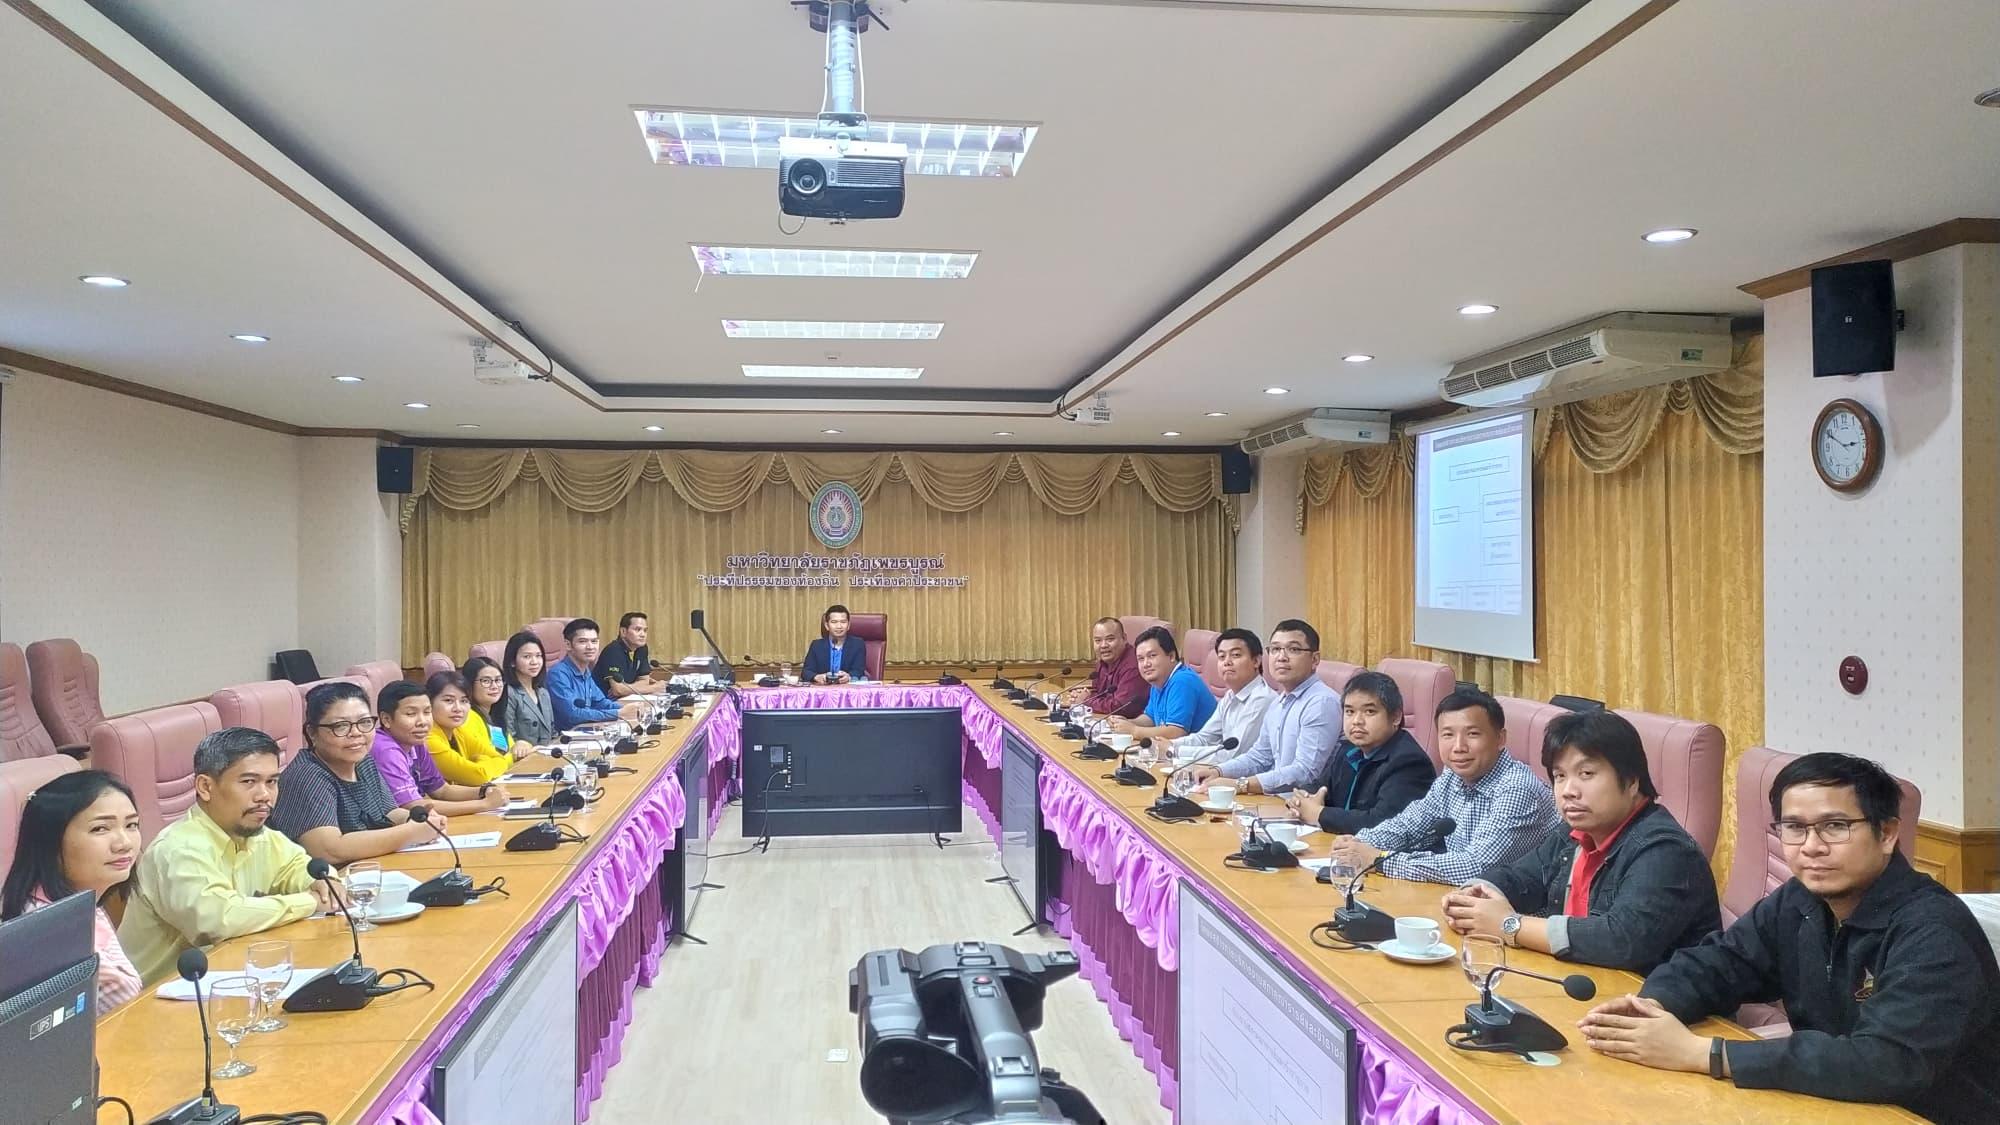 ประชุมคณะกรรมการสภาคณาจารย์และข้าราชการ ครั้งที่ 1/2563